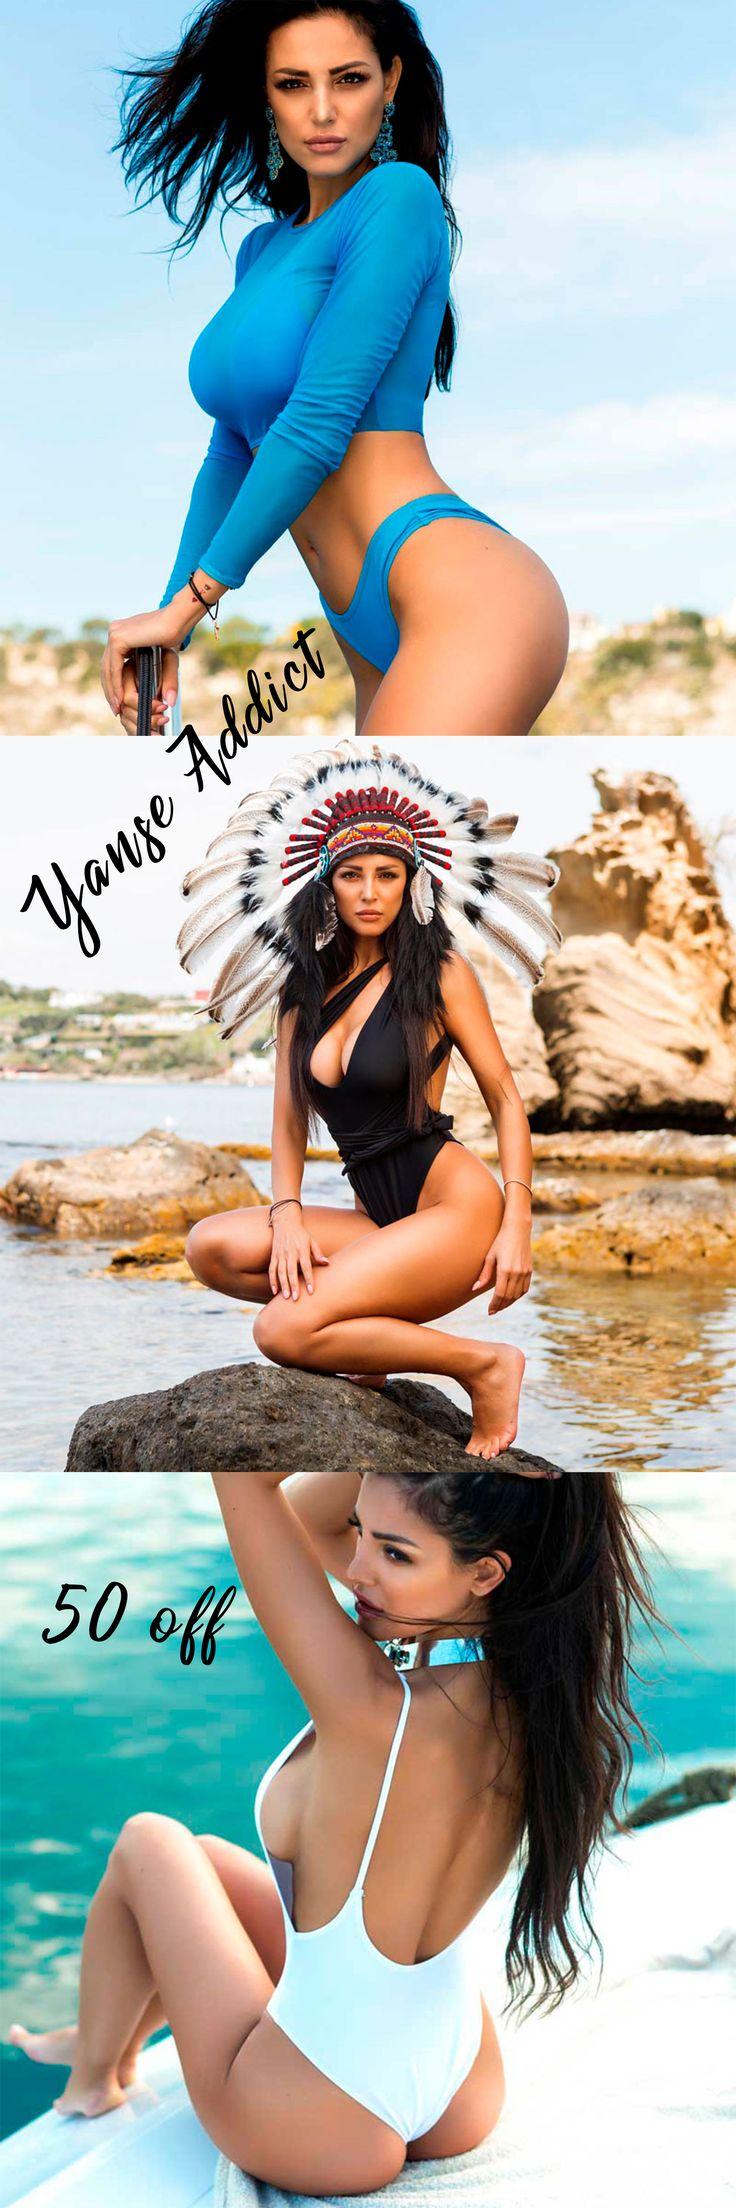 The beachwear woman ! Yanse Addict for no33.eu - Beachwear luxury & top shopping worldwide. Maria Teresa Buccino.